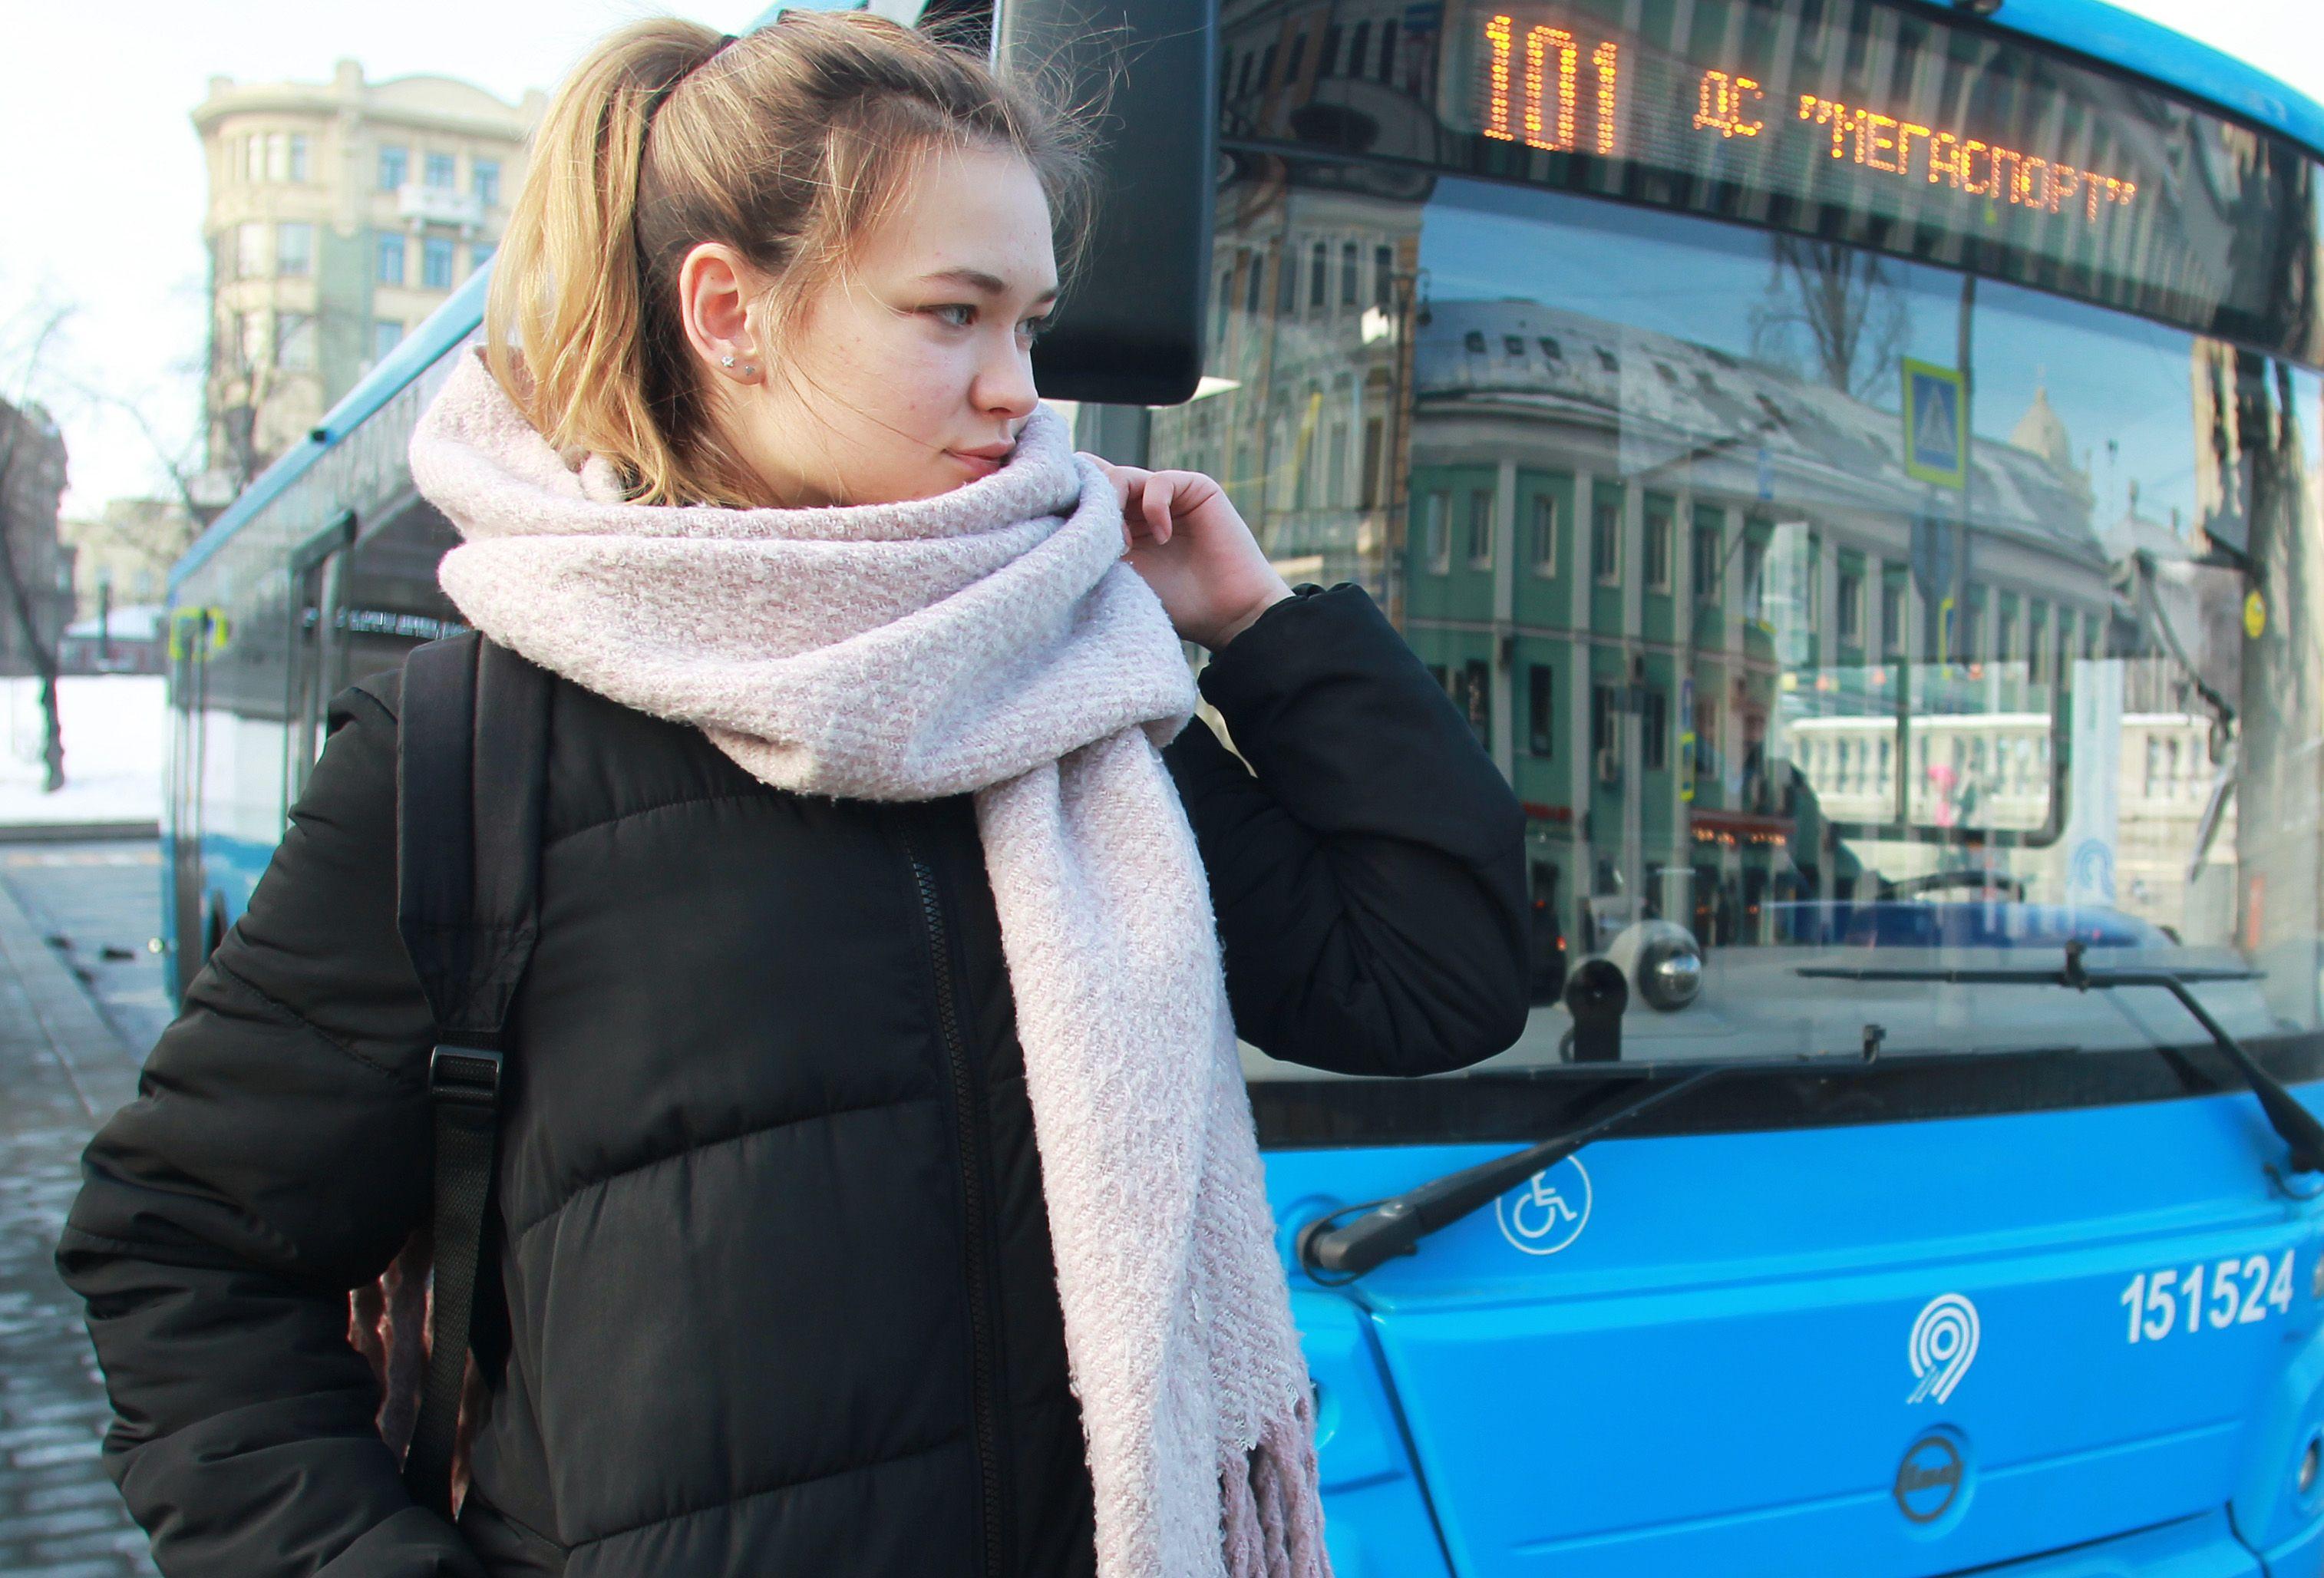 Московский парк автобусов полностью обновлен